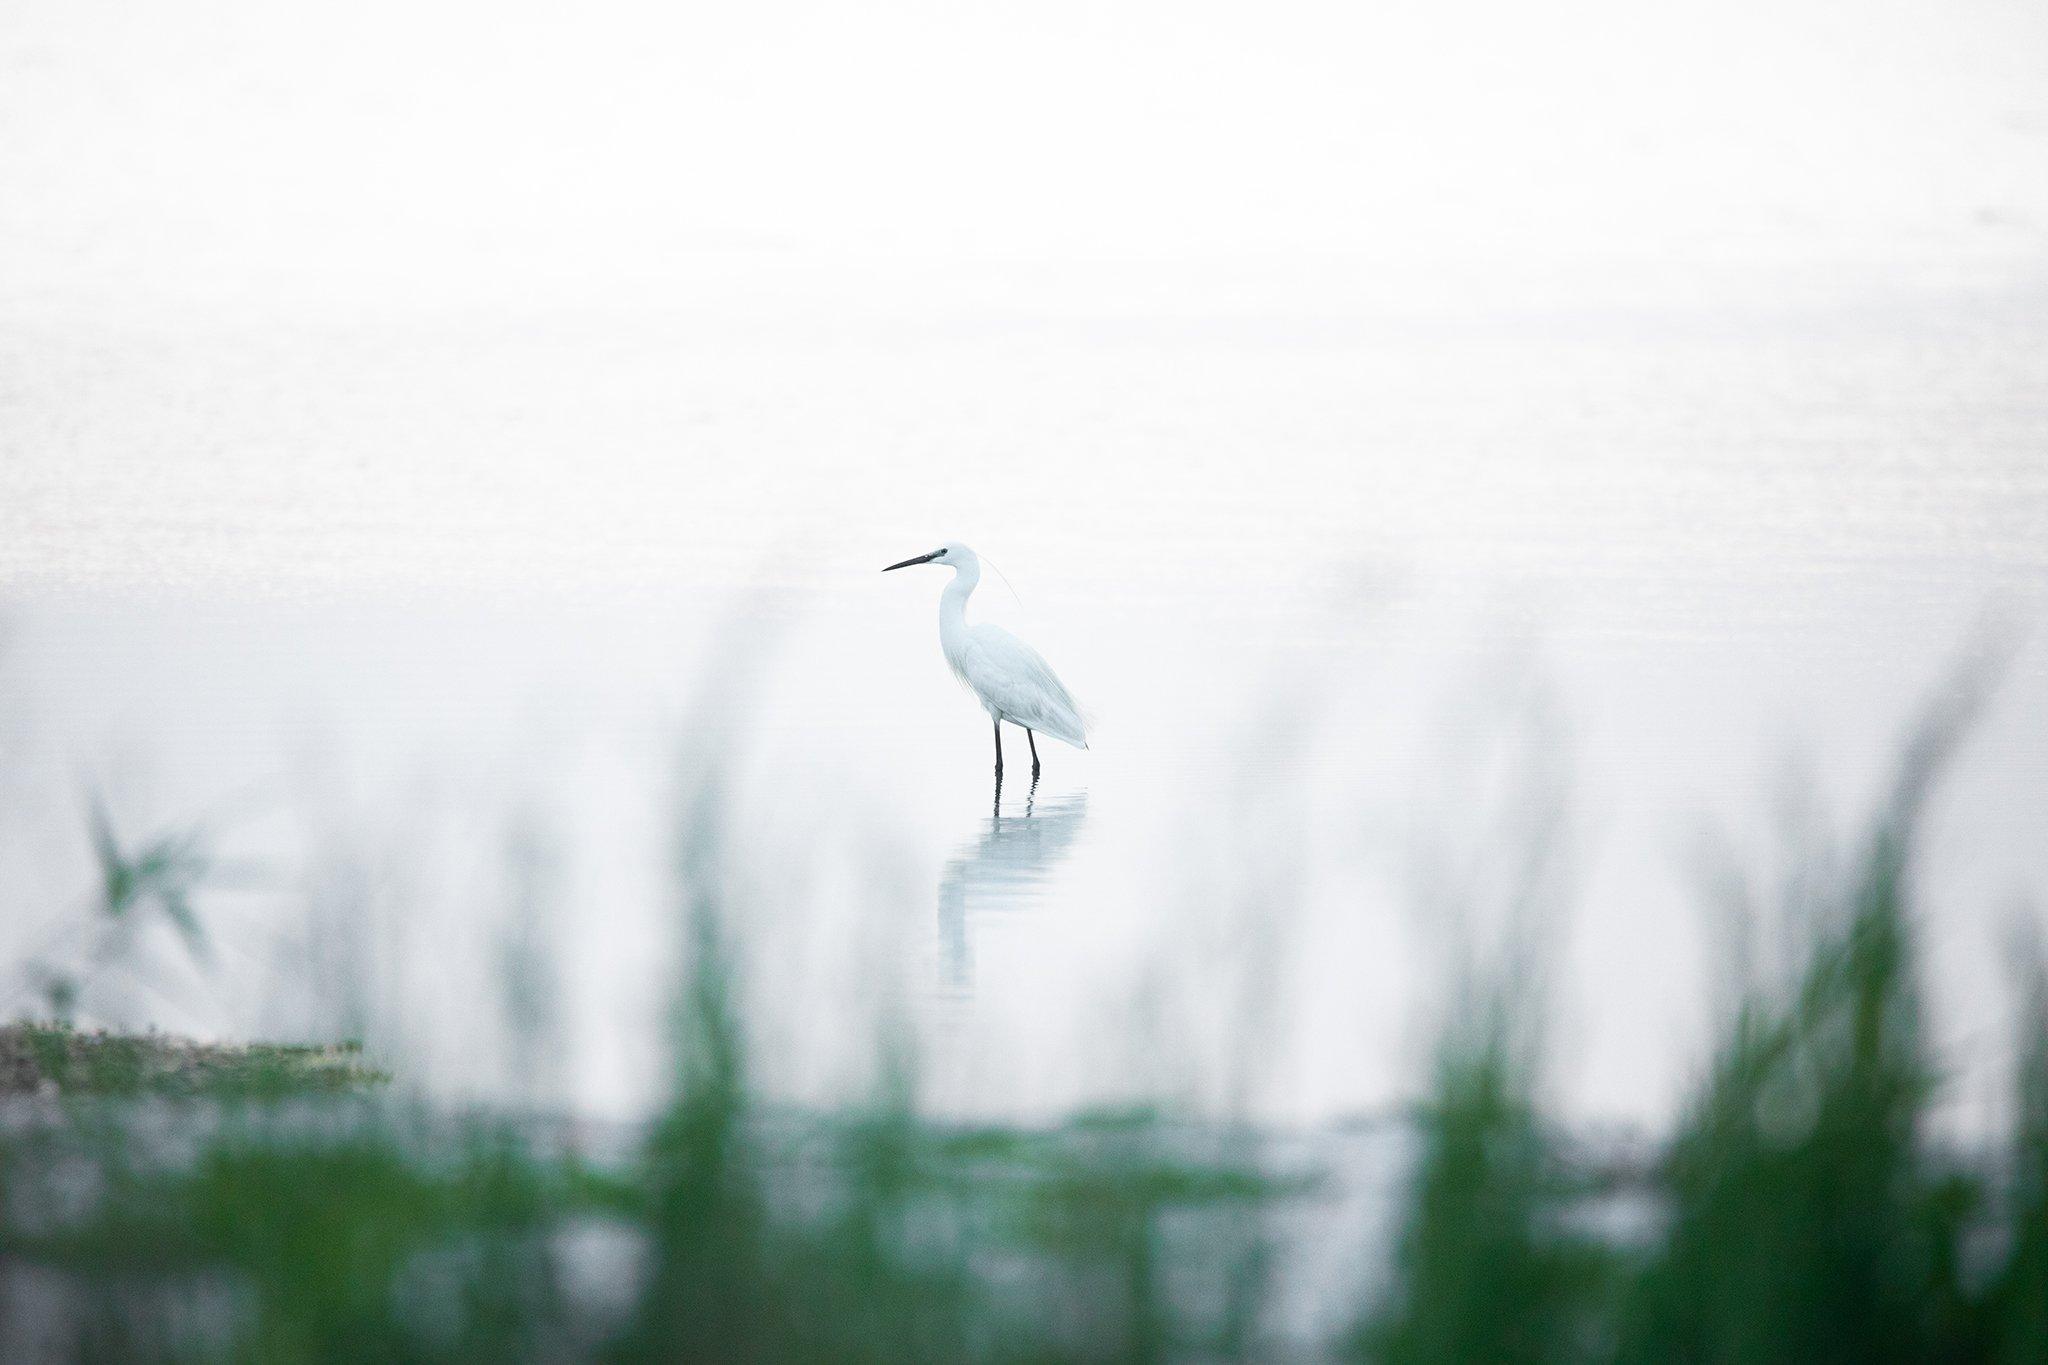 птицы, bird, wildlife, цапля малая, Дмитрий Иванов